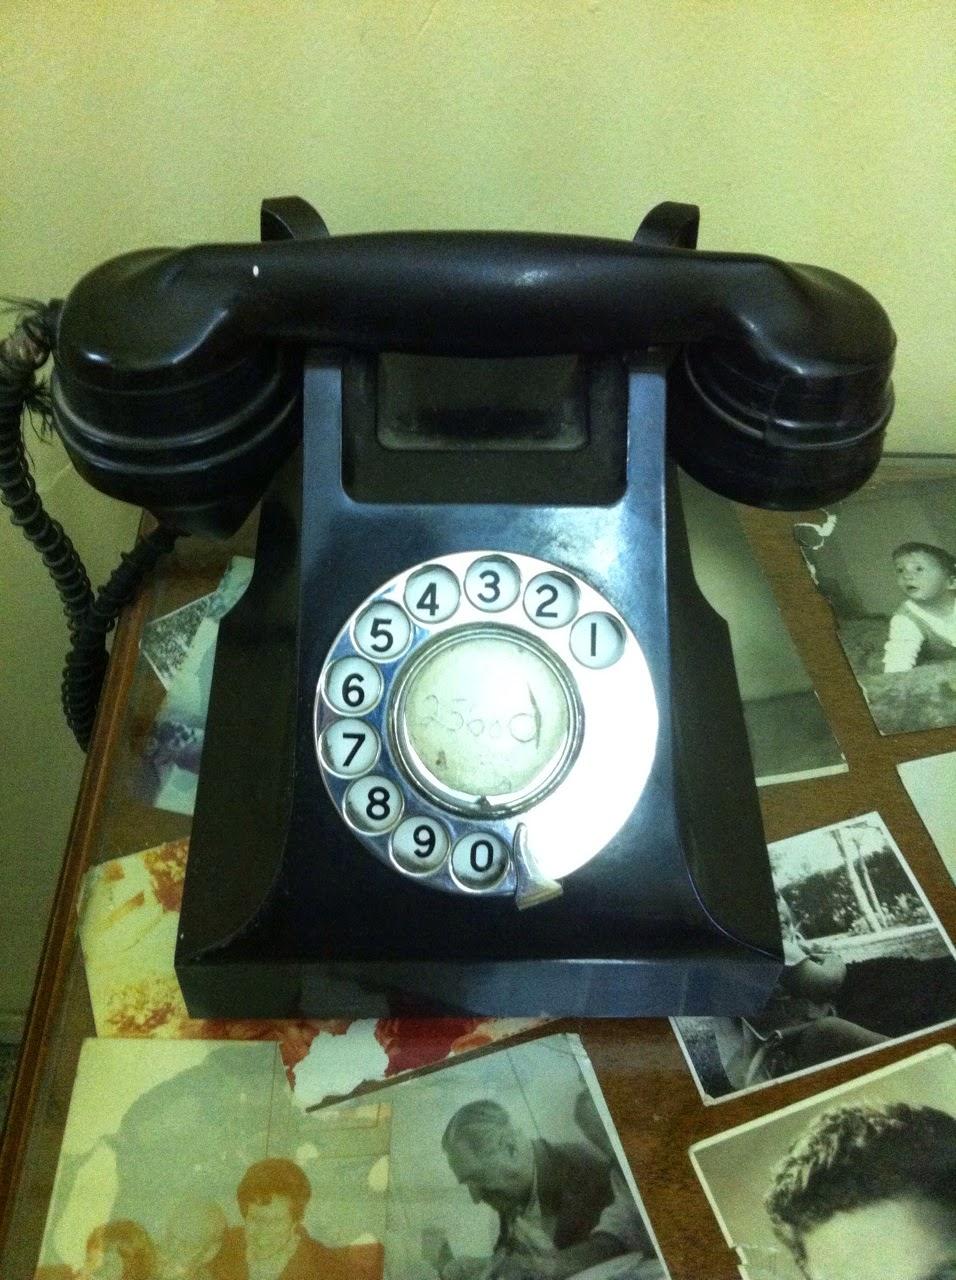 טלפון, בית דוד בן גוריון, קיבוץ